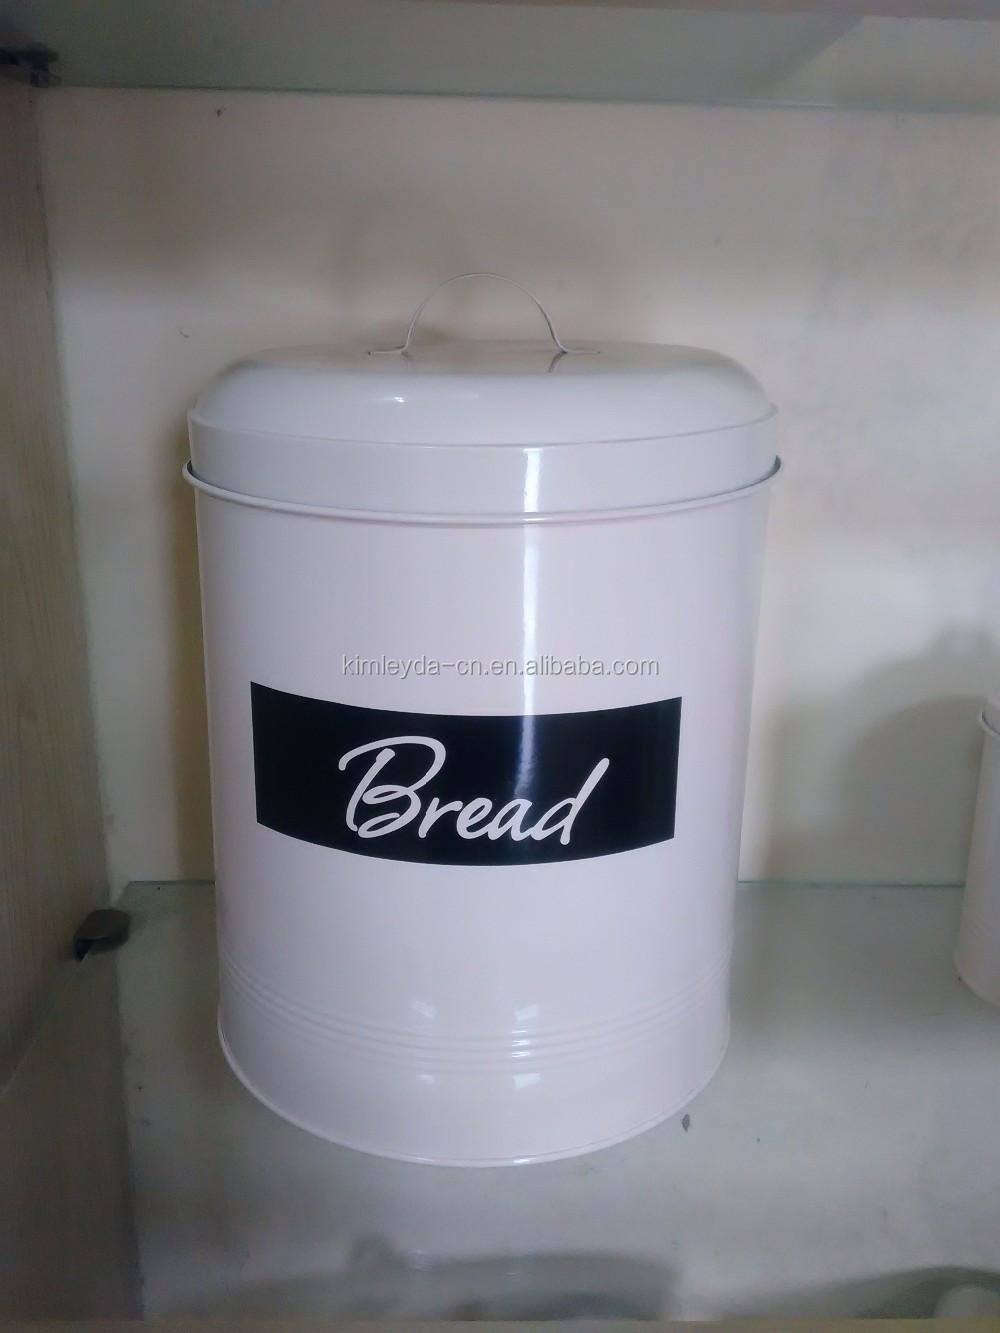 Profesional de cocina de Metal de azúcar café té galletas de pan de etiqueta de cobre recipiente de lata de 5